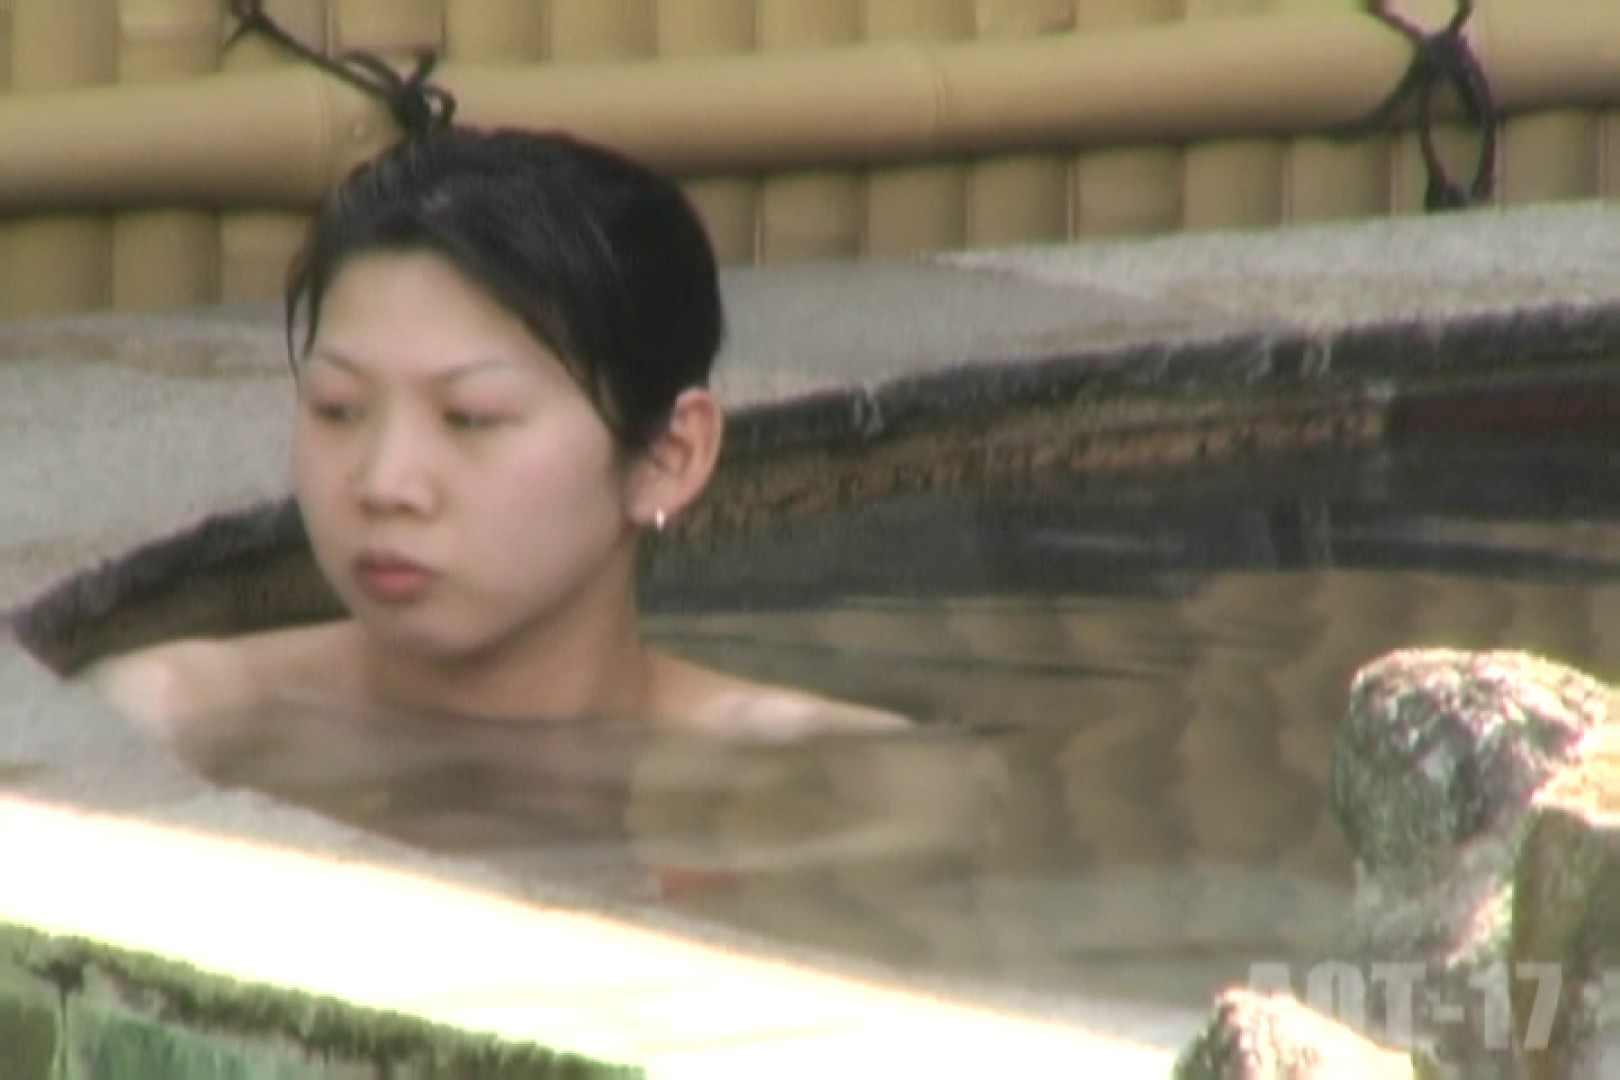 Aquaな露天風呂Vol.850 盗撮 | OLすけべ画像  38連発 34